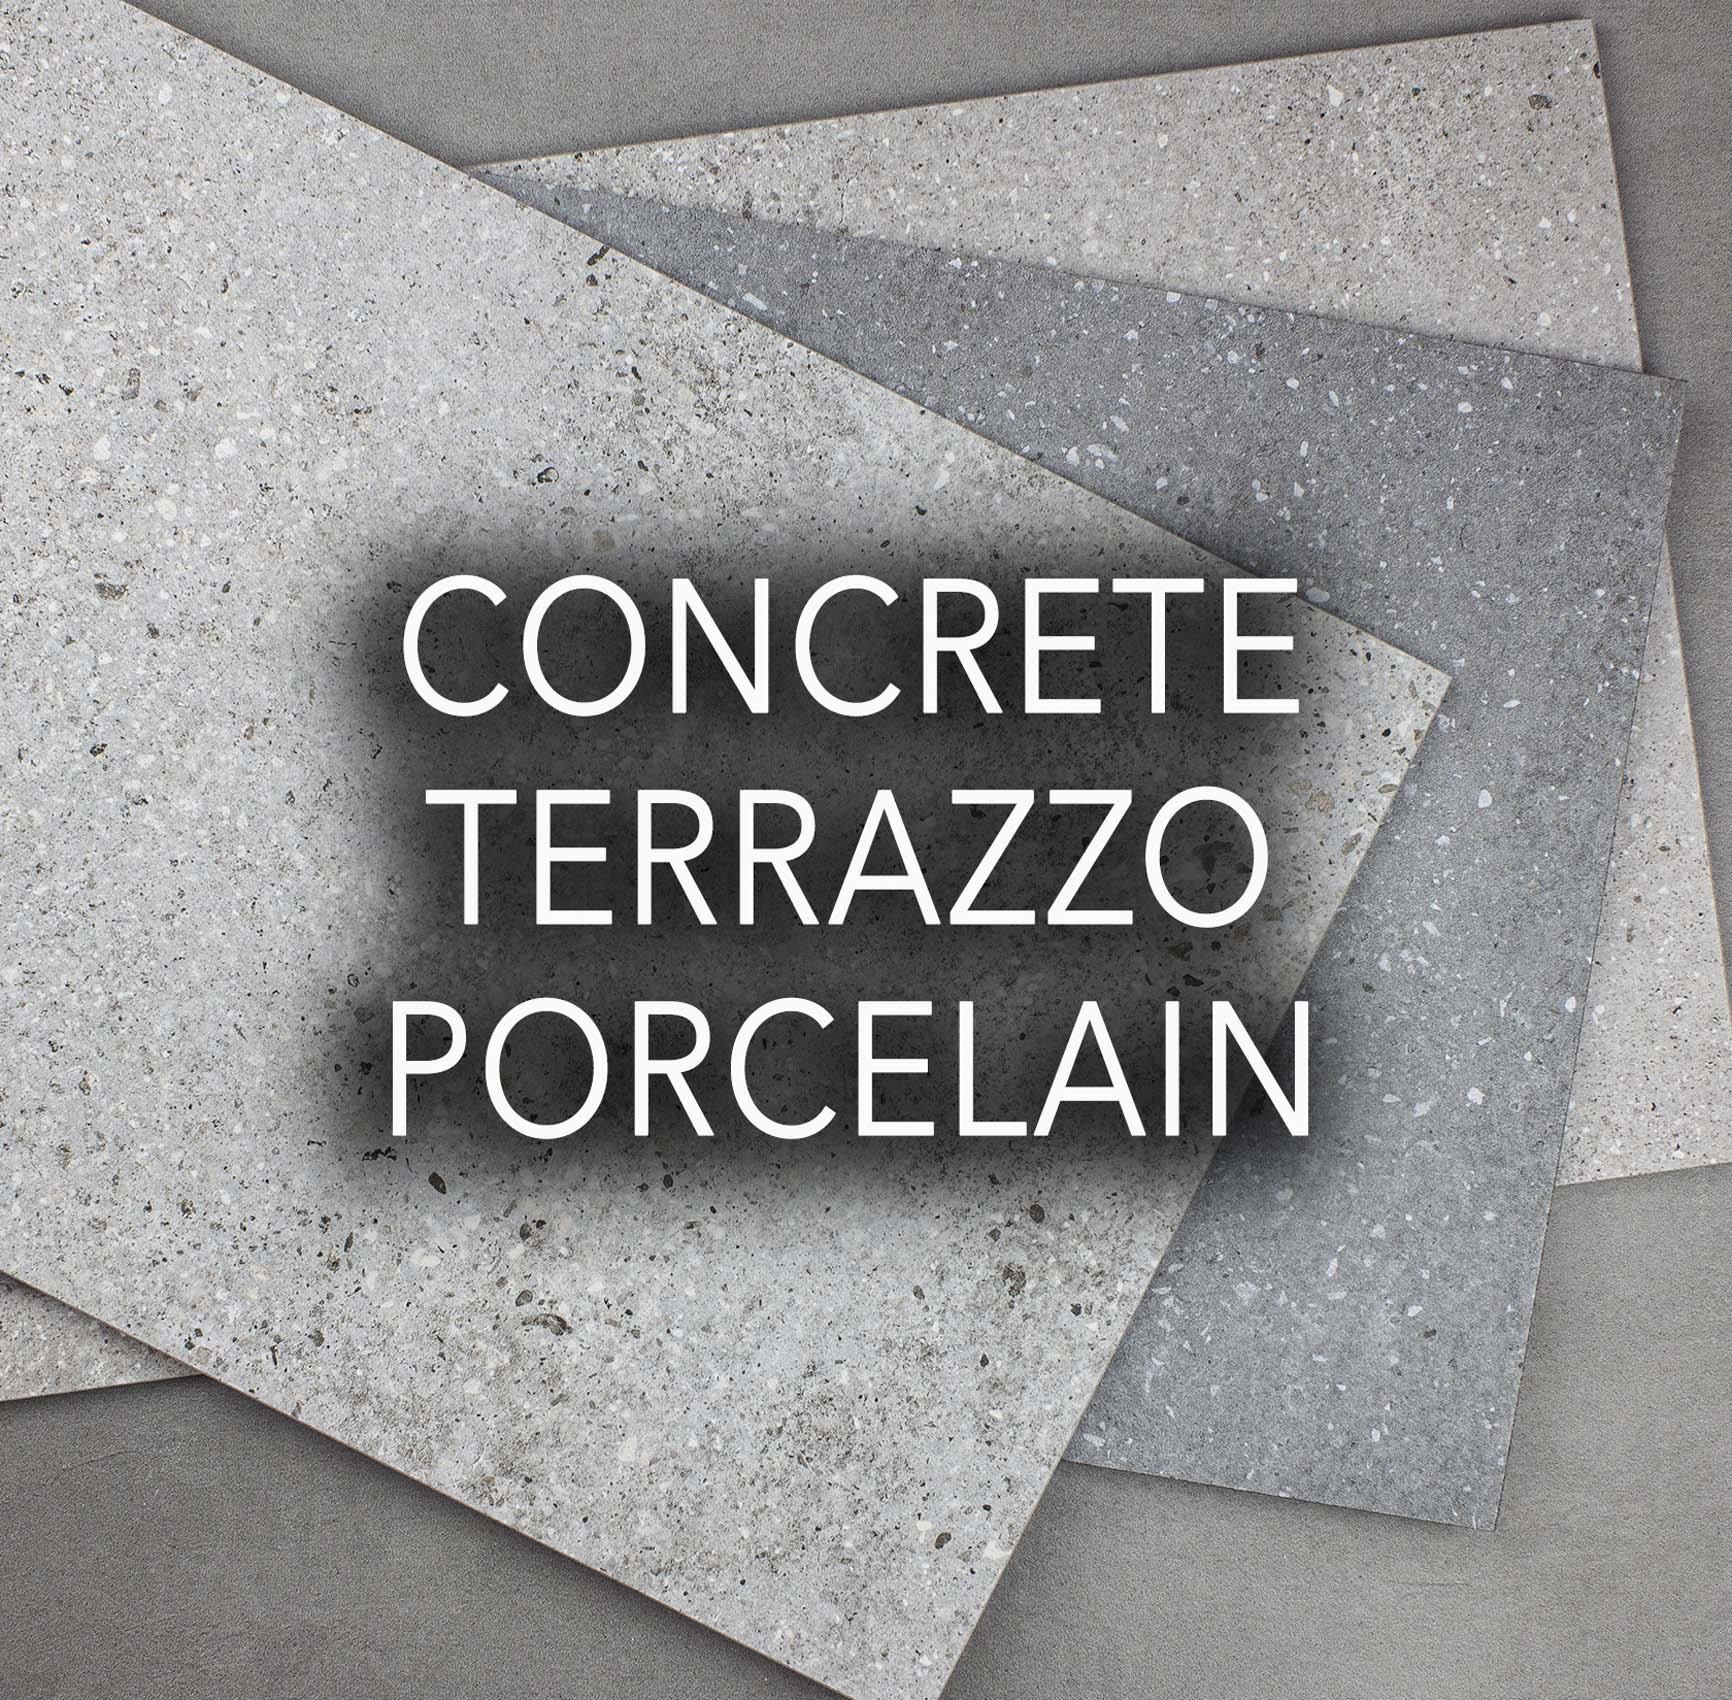 Concrete Terrazzo Tiles